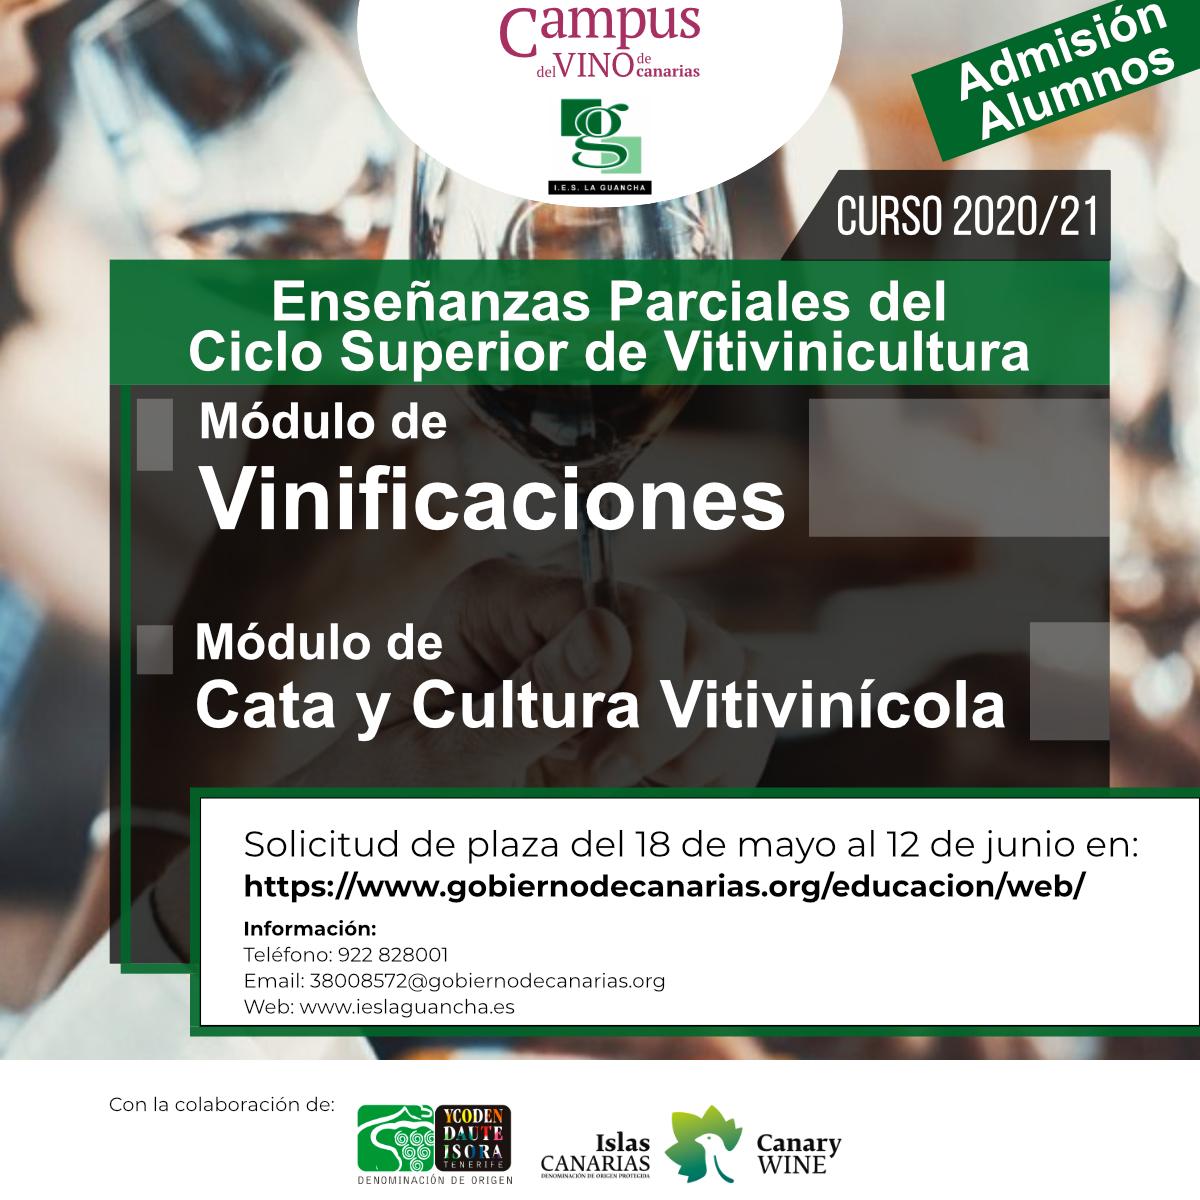 Admisión de Plazas para el Ciclo Superior de Vitivinicultura